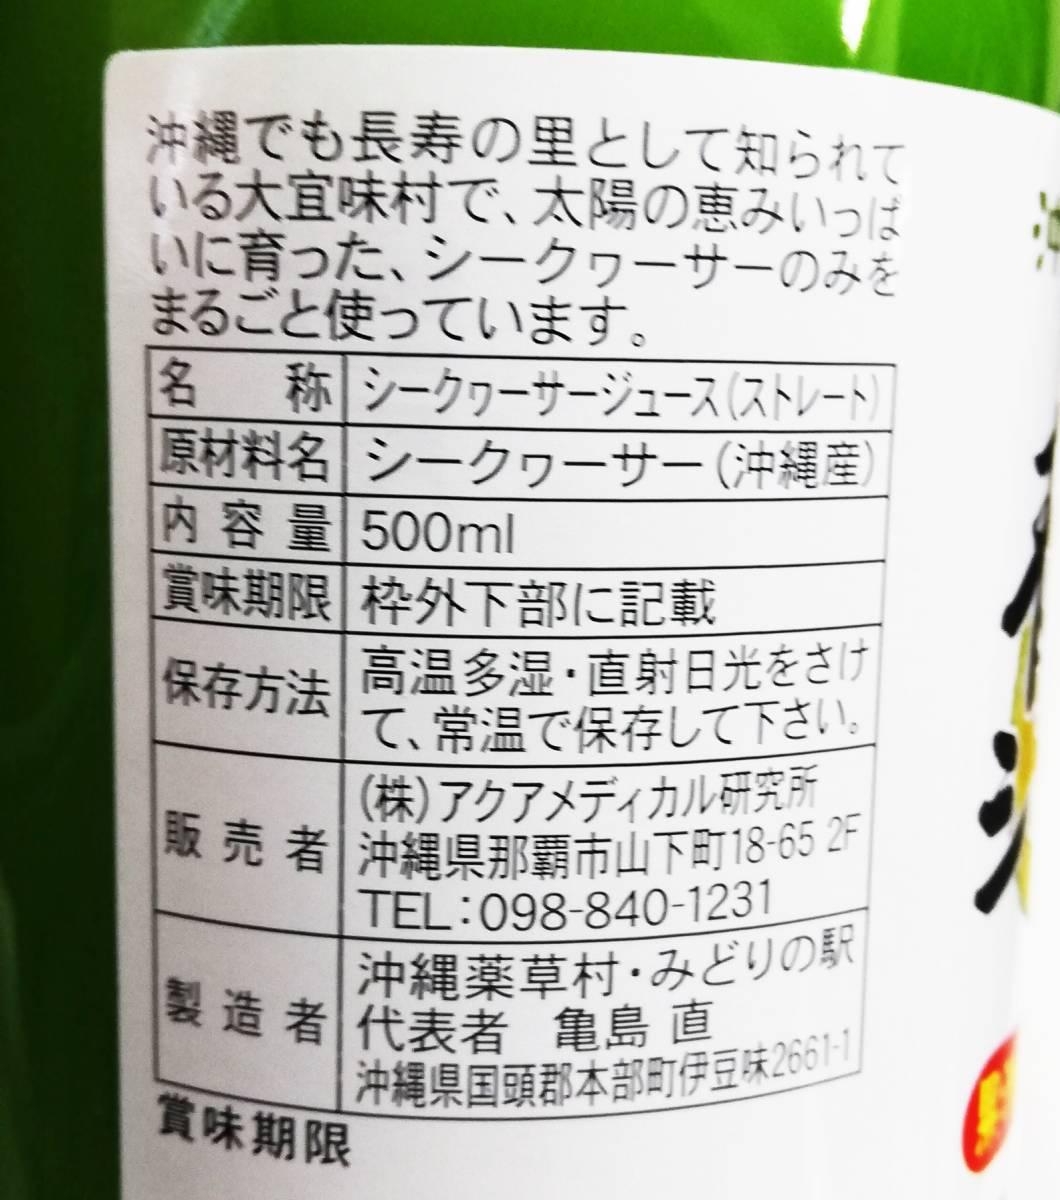 送料無料 大宜味産 6本セット 青切りシークヮーサー 500ml 原液 シークワーサー ストレートジュース 大宜味村 果汁100% ノビレチン _画像3